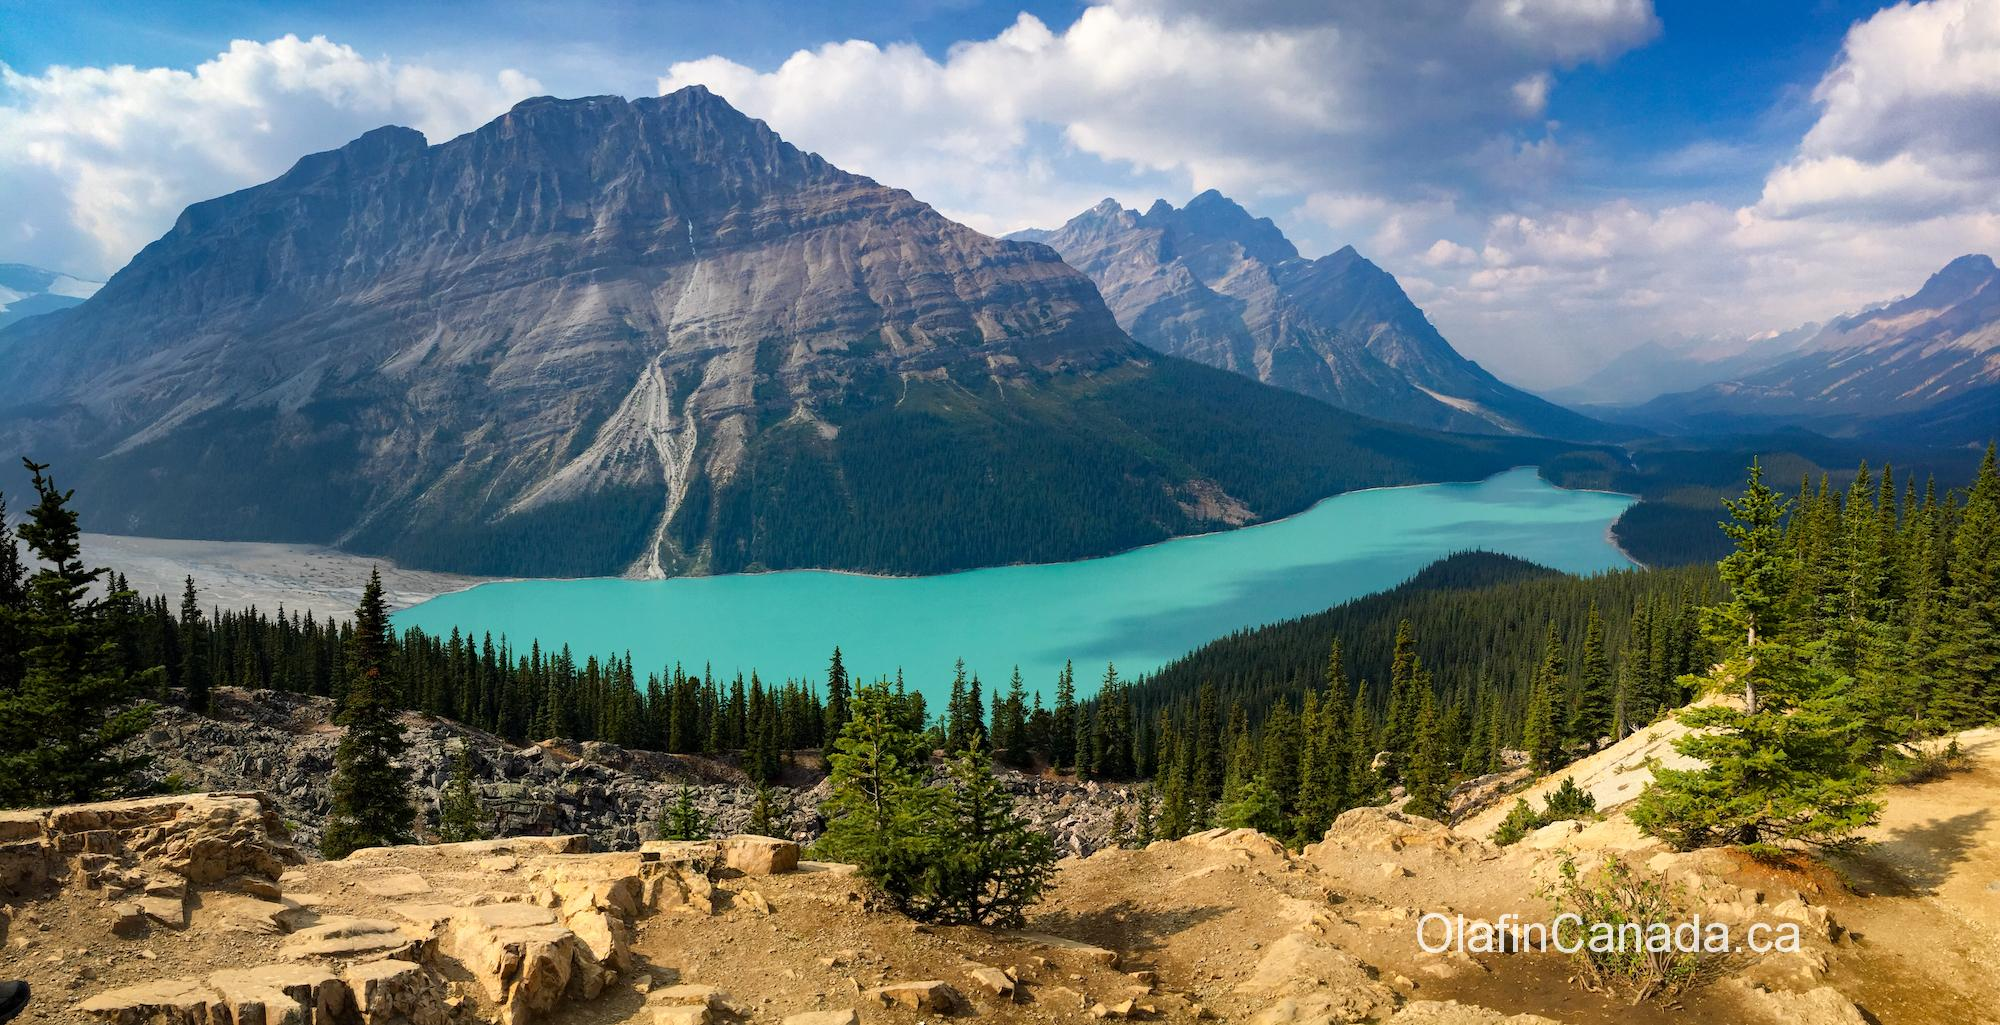 Peyto Lake on the Icefields Parkway in Alberta #olafincanada #alberta #rockies #icefieldsparkway #peytolake